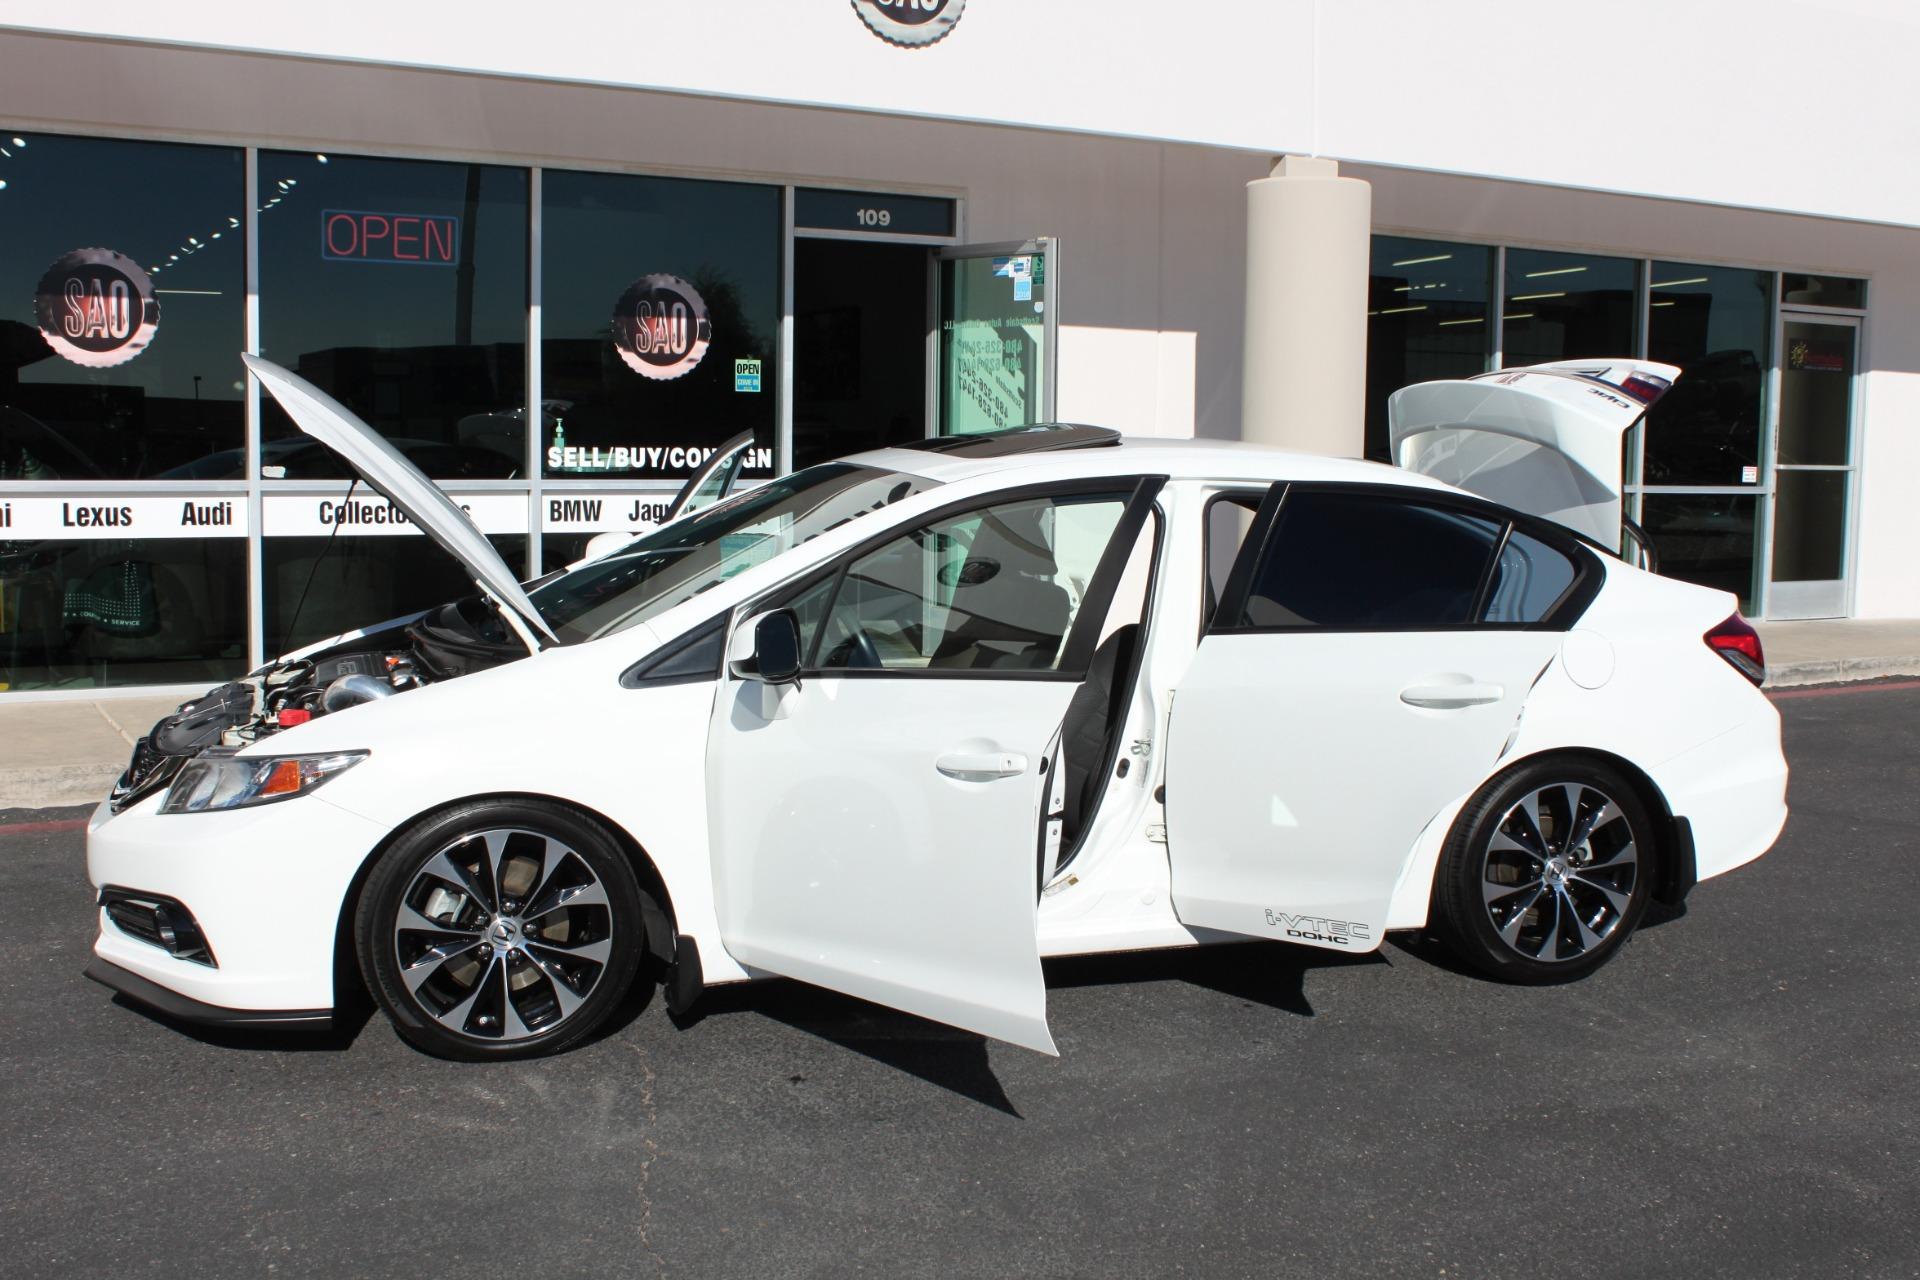 Used-2013-Honda-Civic-Sedan-Si-Toyota